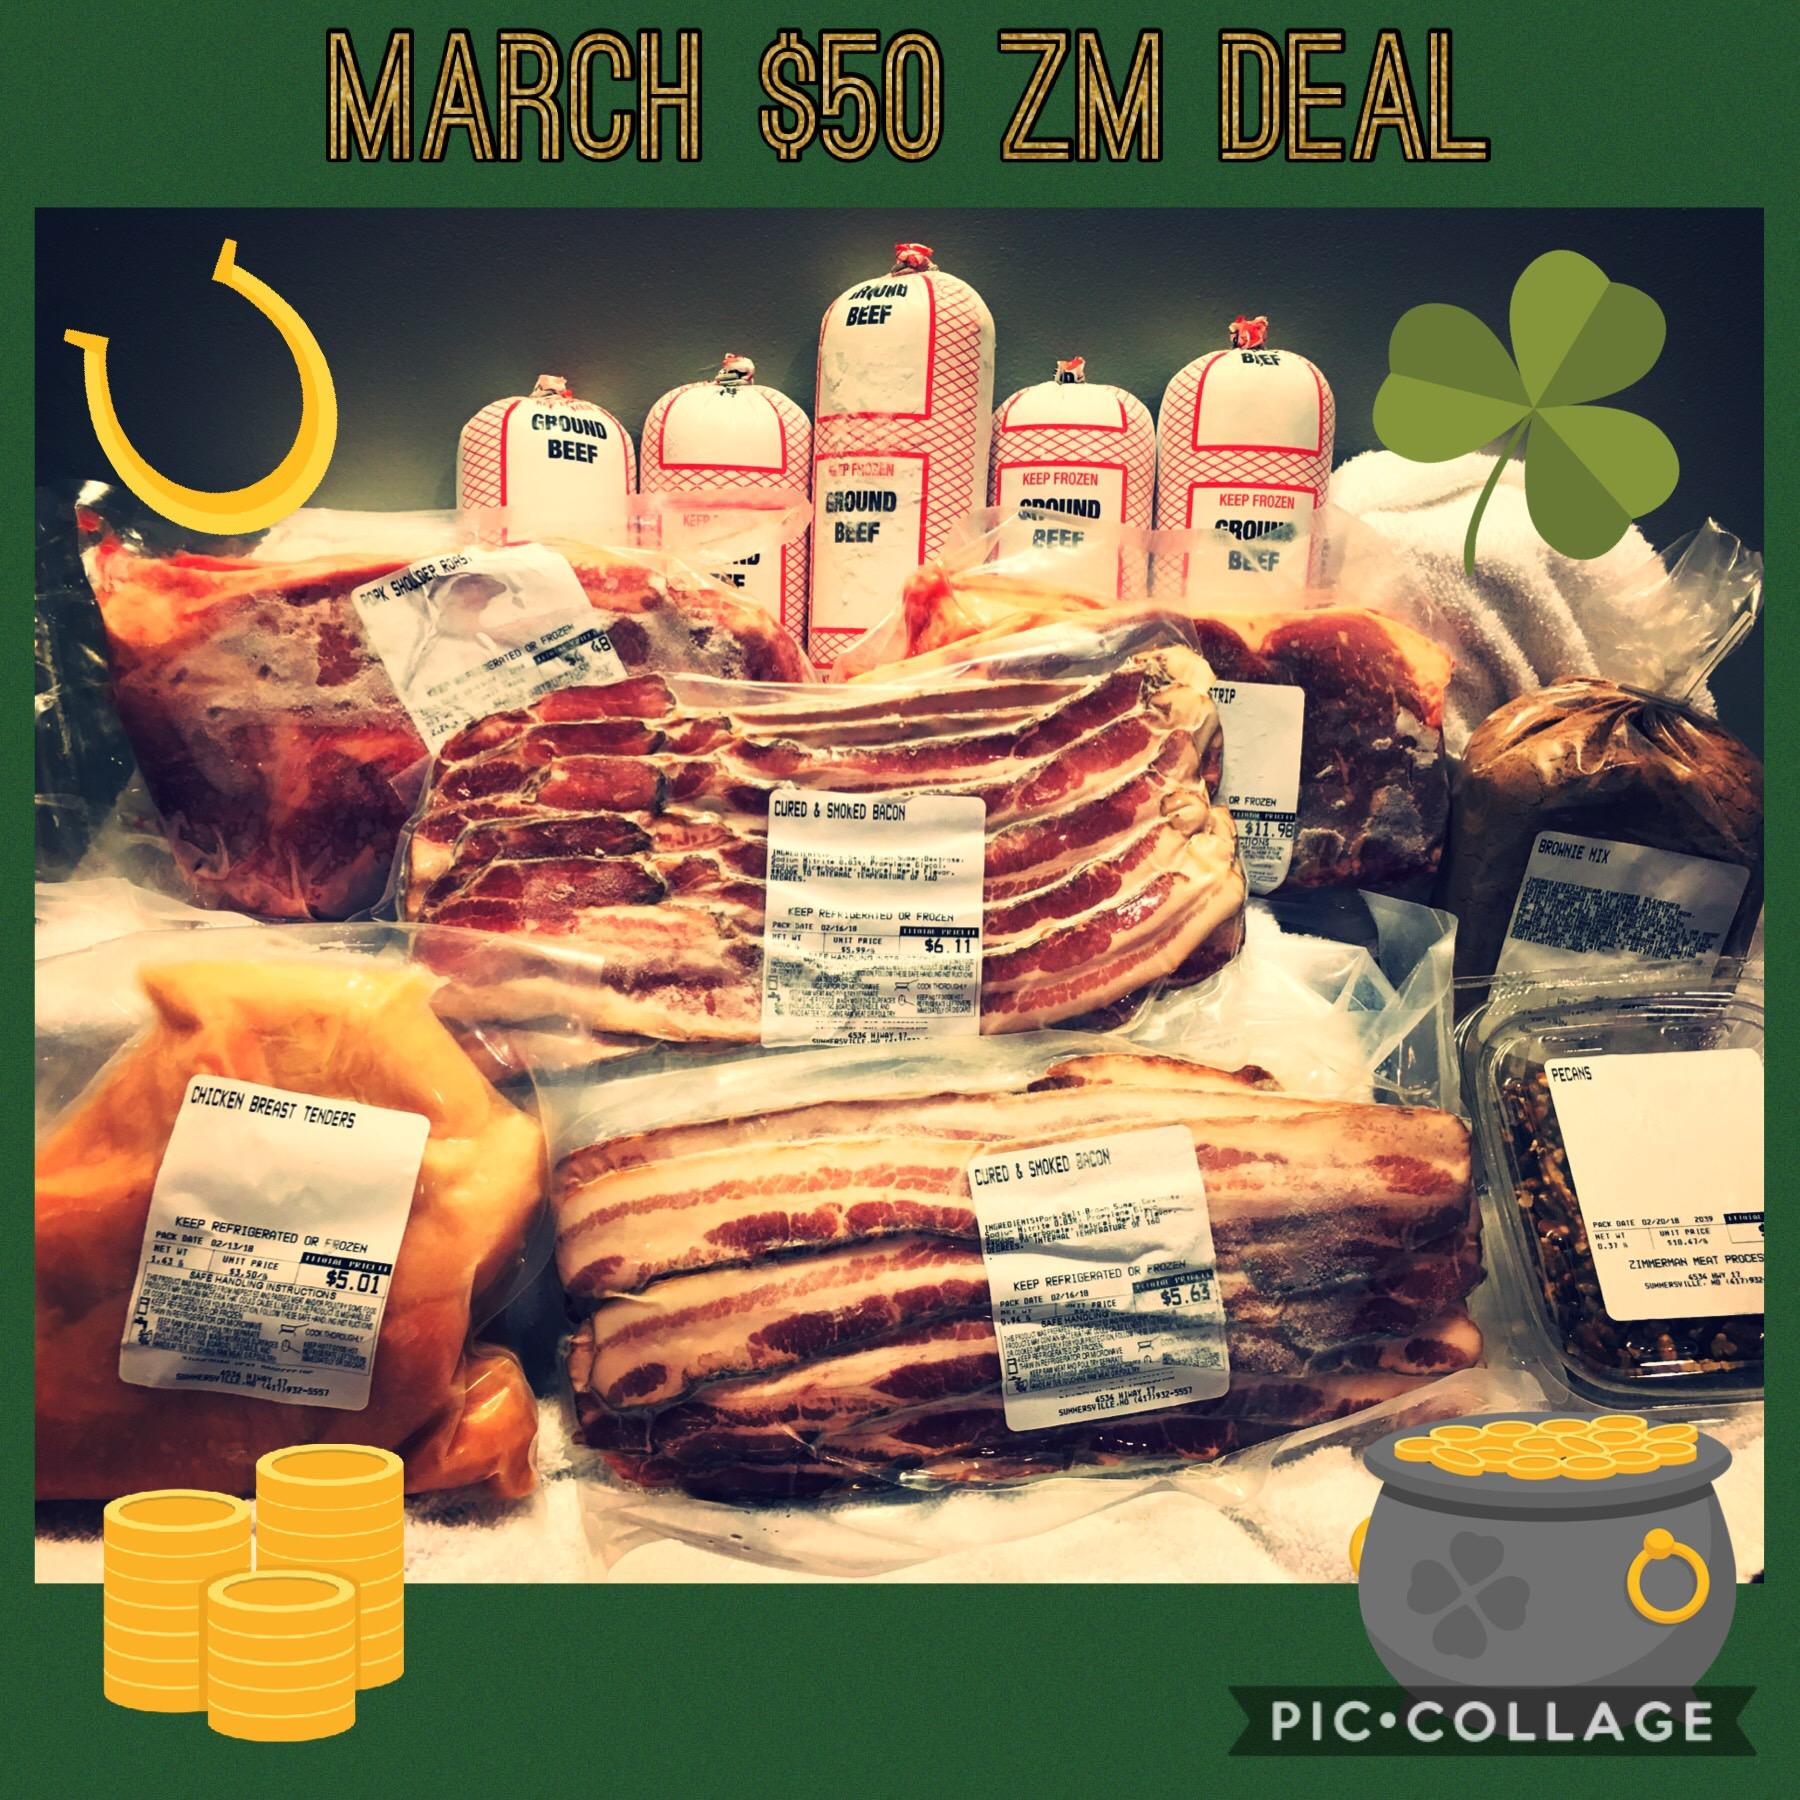 zimmerman+march+deal.jpg